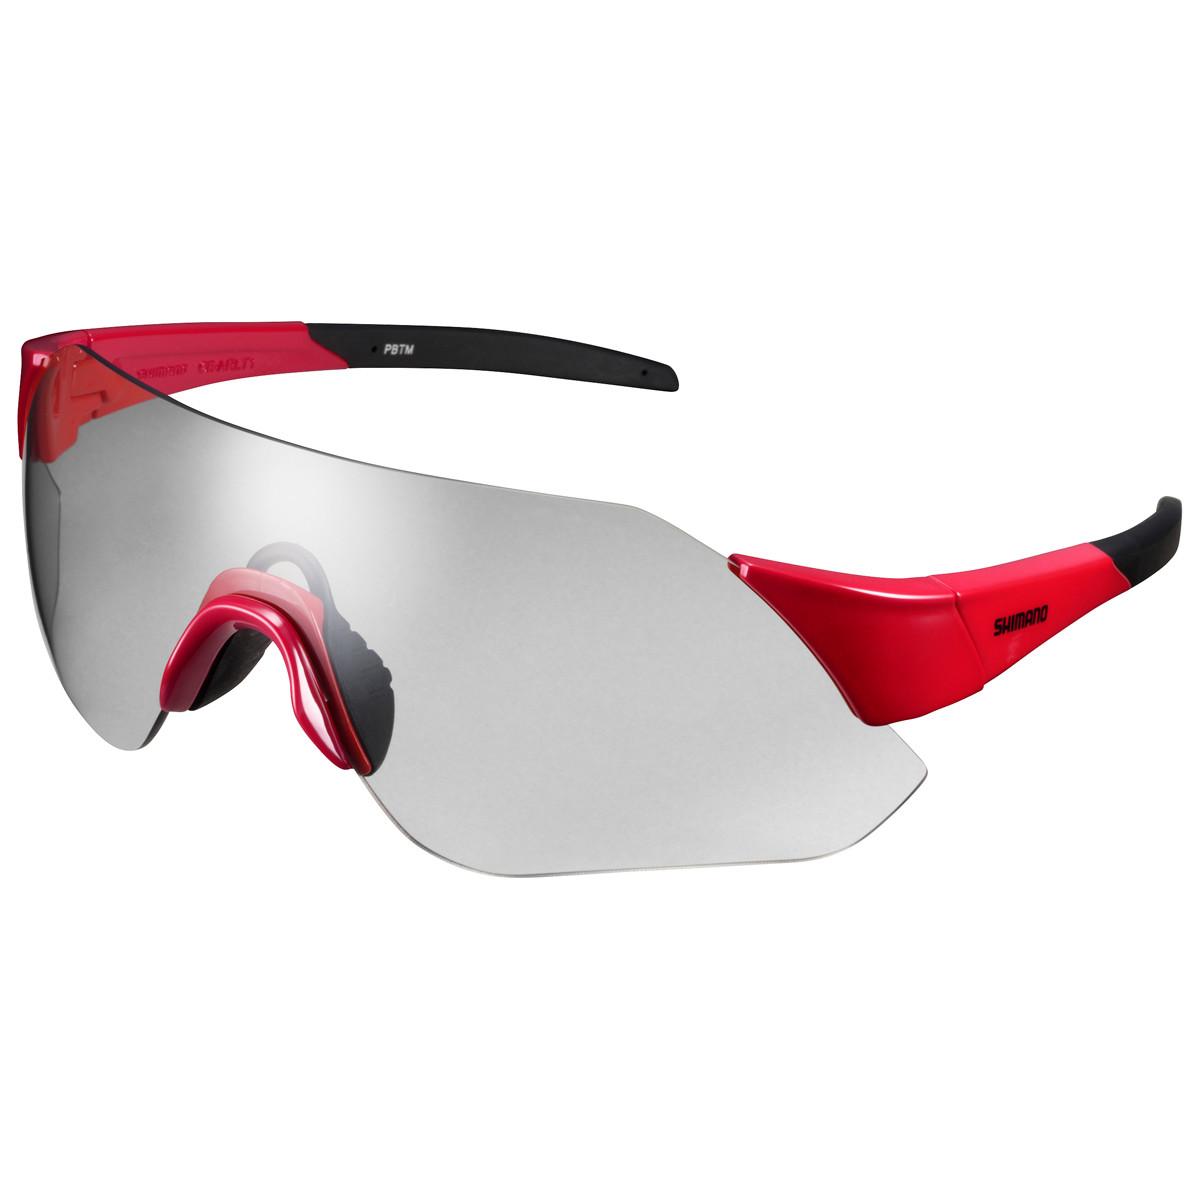 Cykelbriller til motionscykling Find nogle af de bedste